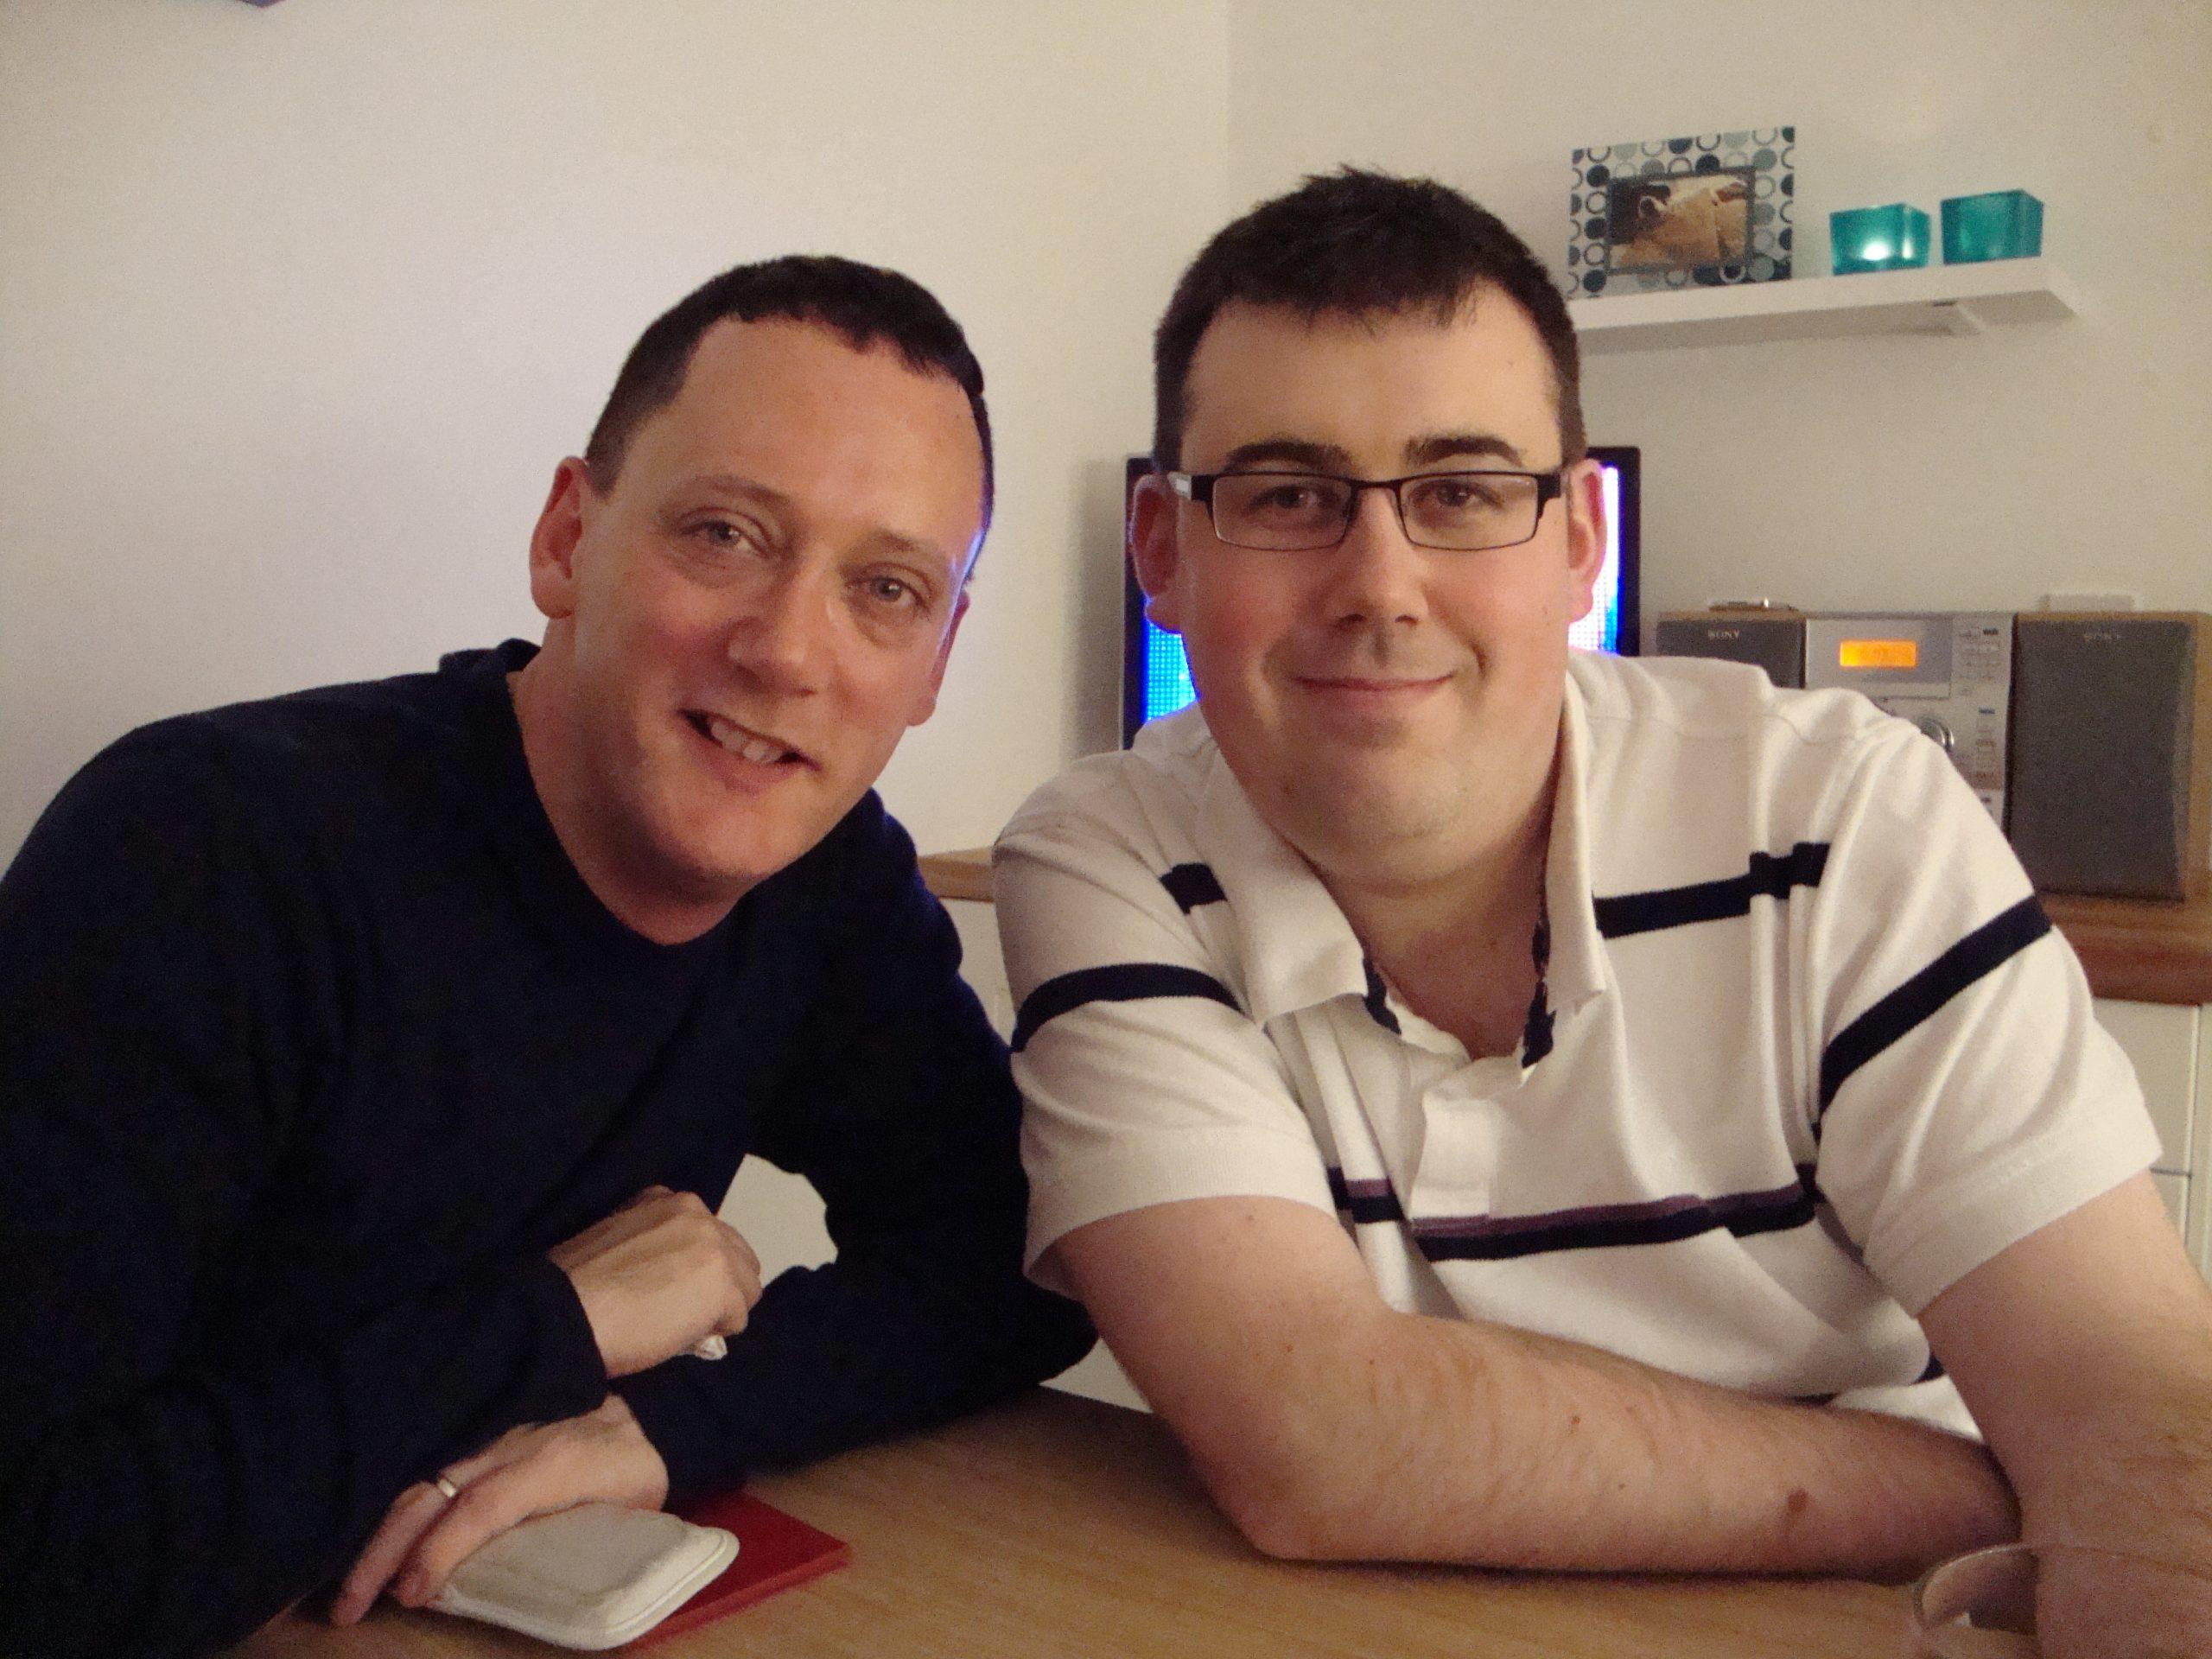 Paul and Gareth